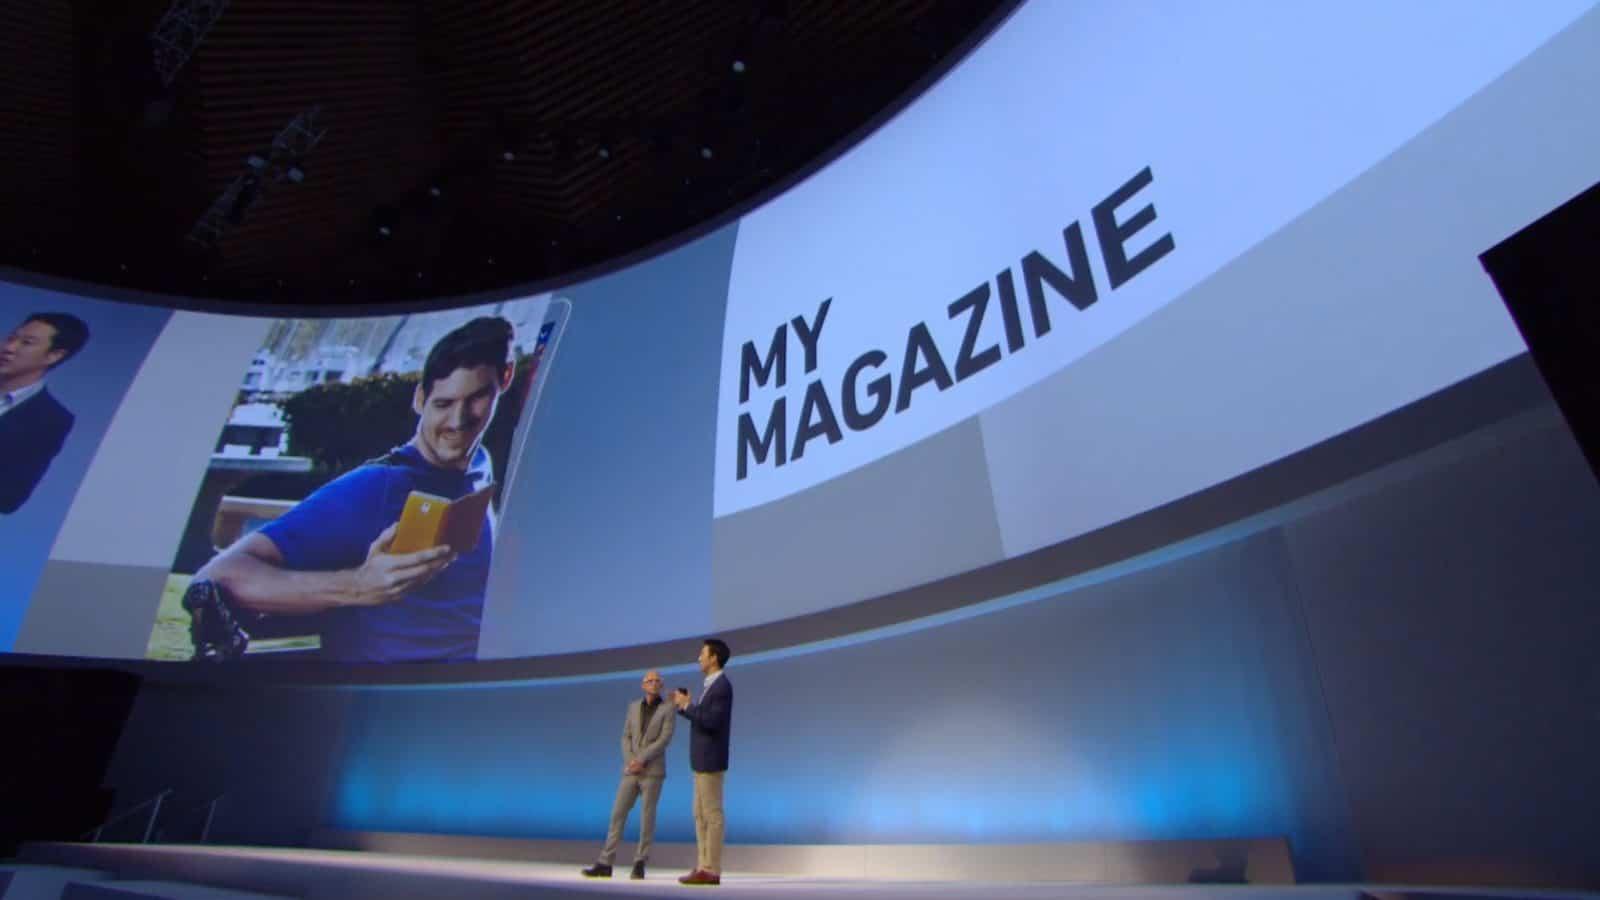 Samsung-Unpacked-IFA-2013-Note-3-My-Magazine-002